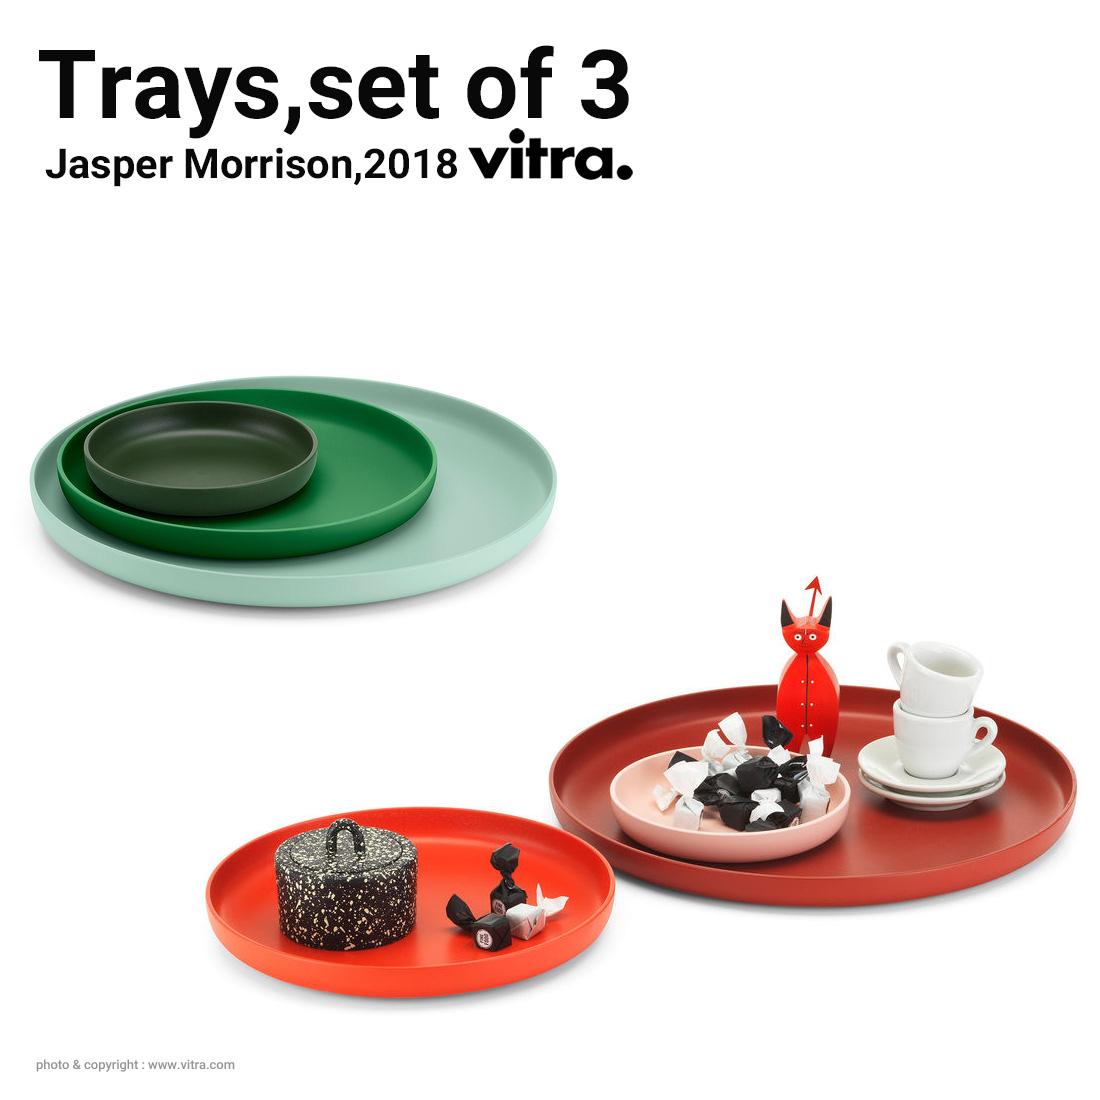 全国一律送料無料 正規代理店品 数々の名作を生み出している世界を代表する家具ブランド メイルオーダー Vitra Trays トレイ 3個セットヴィトラ トレー 21511102 収納 Jasper ジャスパーモリソン 小物入れ Morrison 21511101